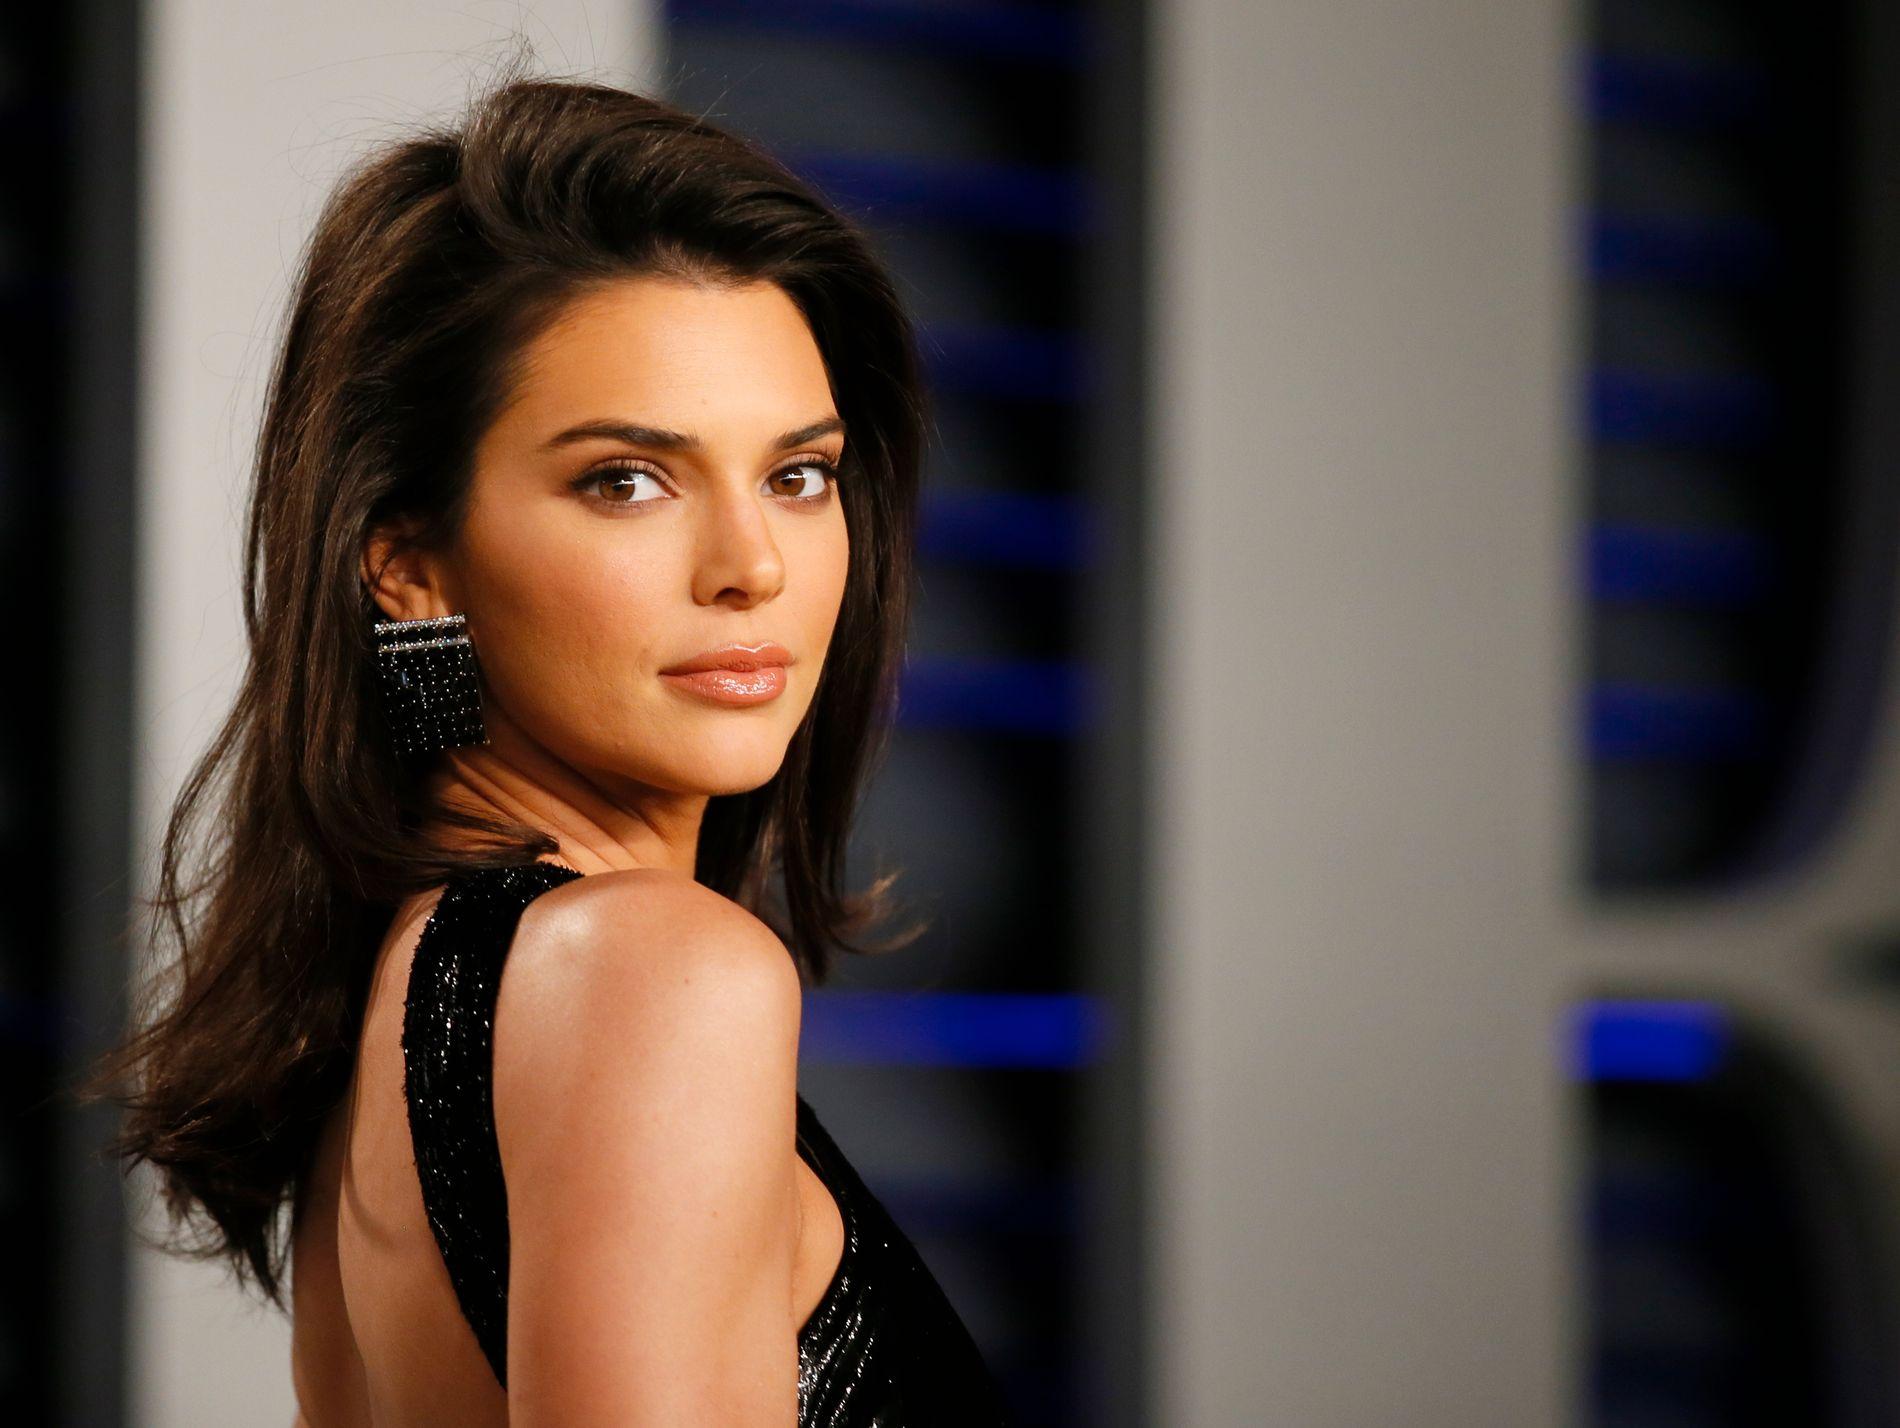 SPØKEFULLT: Etter fredagens innspilling av «Keeping up with the Kardashians» ga Kendall en spøkefull, men klar melding om at hun ikke har tenkt å gjøre som sine søstre med det første.